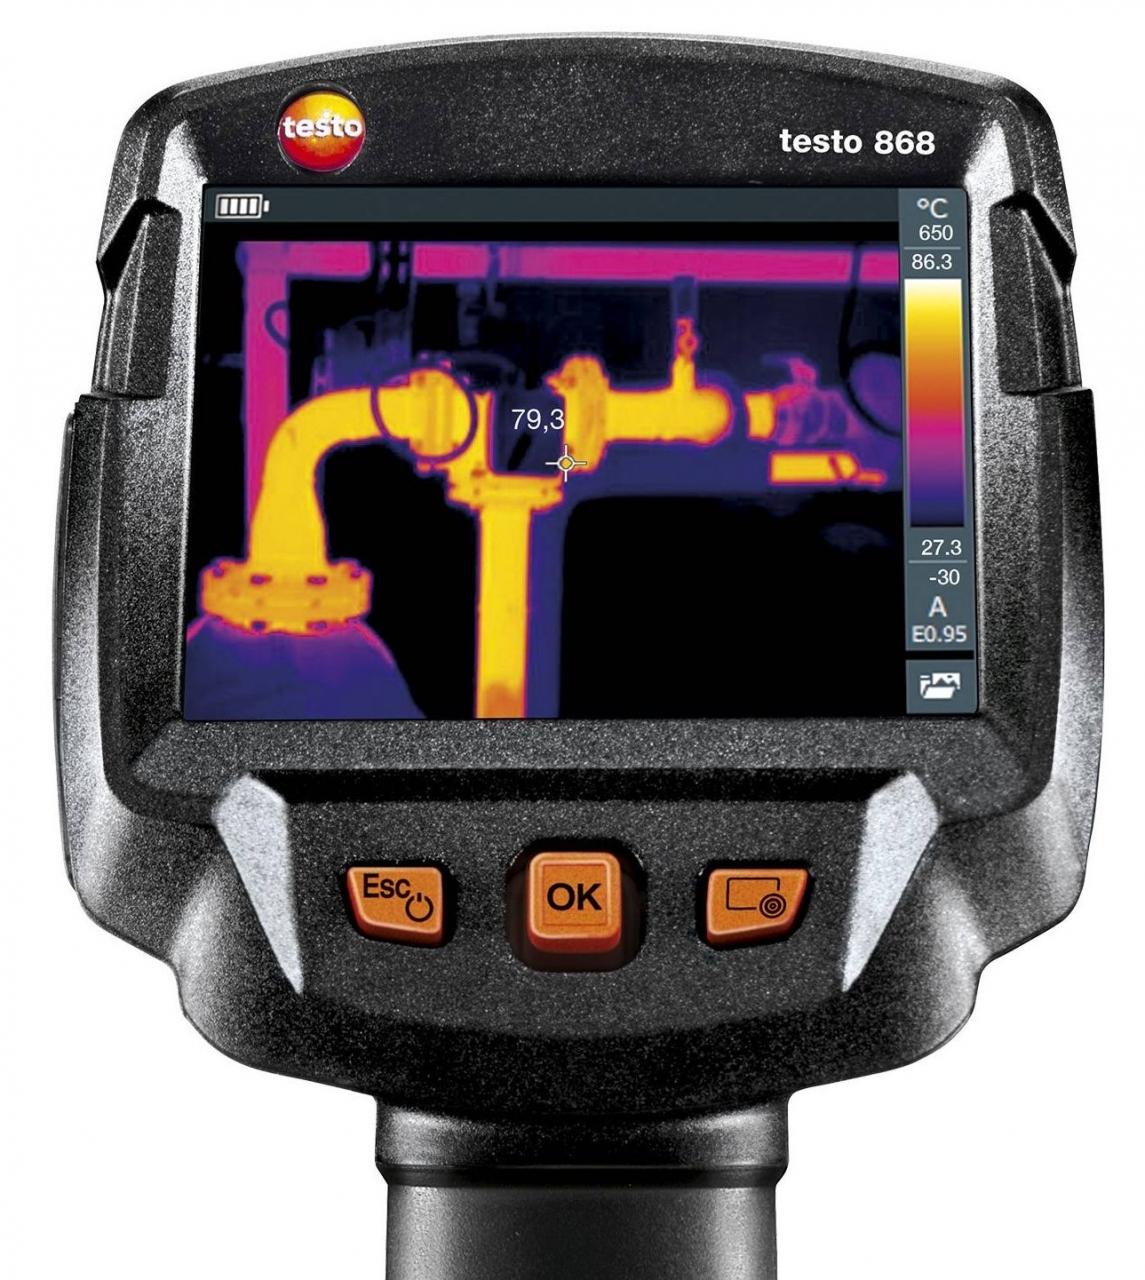 Testo 868 - La termocamera testo 868 si contraddistingue per le sue prestazioni di misura professionali e un'eccezionale semplicità d'uso. Un modello che offre la migliore qualità delle immagini della sua categoria, una fotocamera digitale integrata e che seduce per le sue intelligenti funzioni. All'interno della pratica valigetta la termocamera può essere facilmente trasportata ed essere così sempre a portata di mano quando serve.